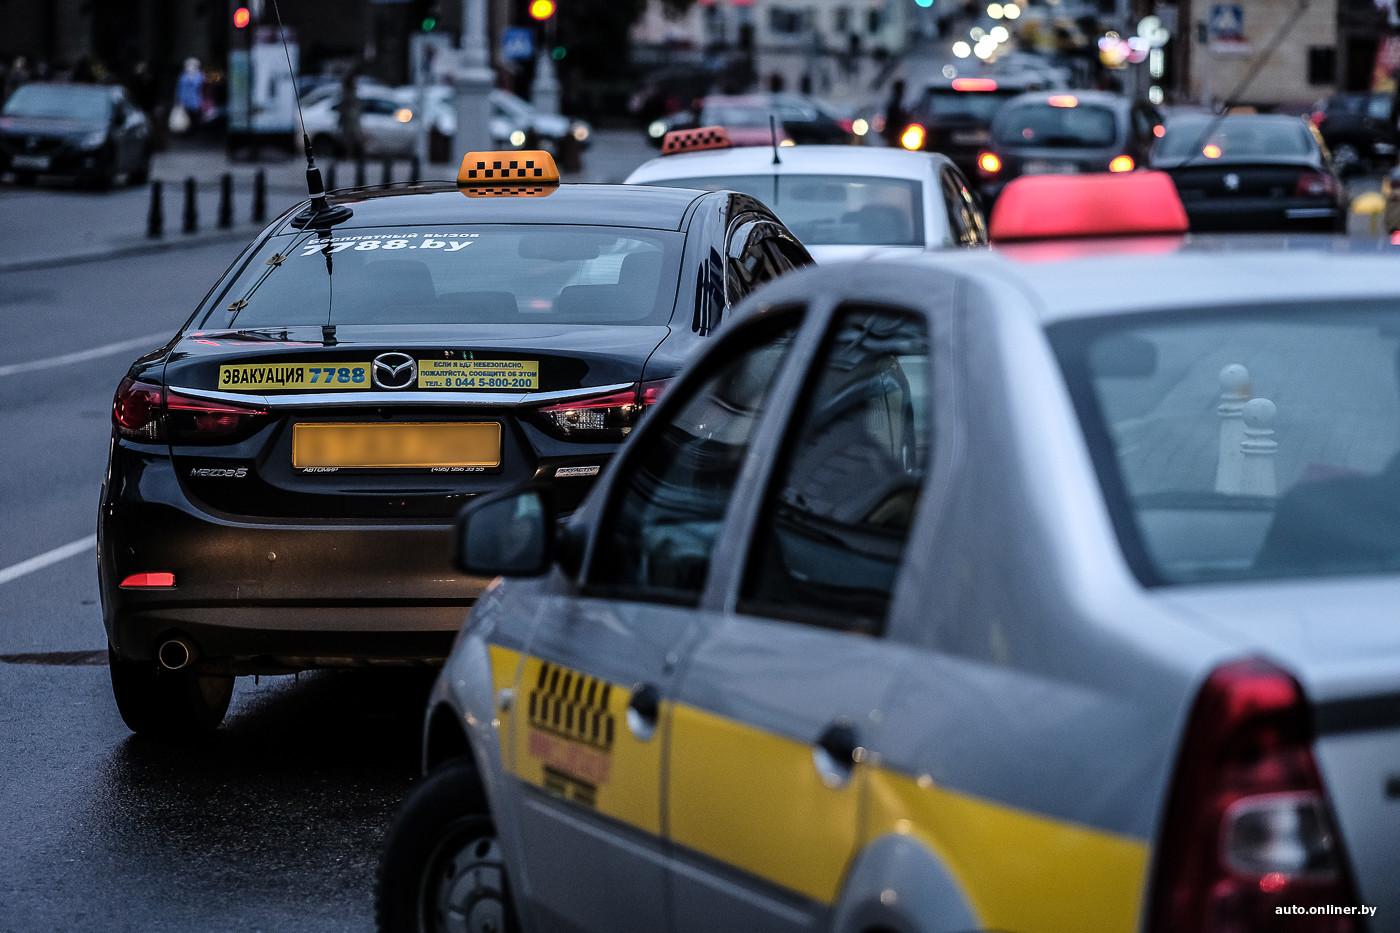 фото машины ситроен ксантия такси 7788